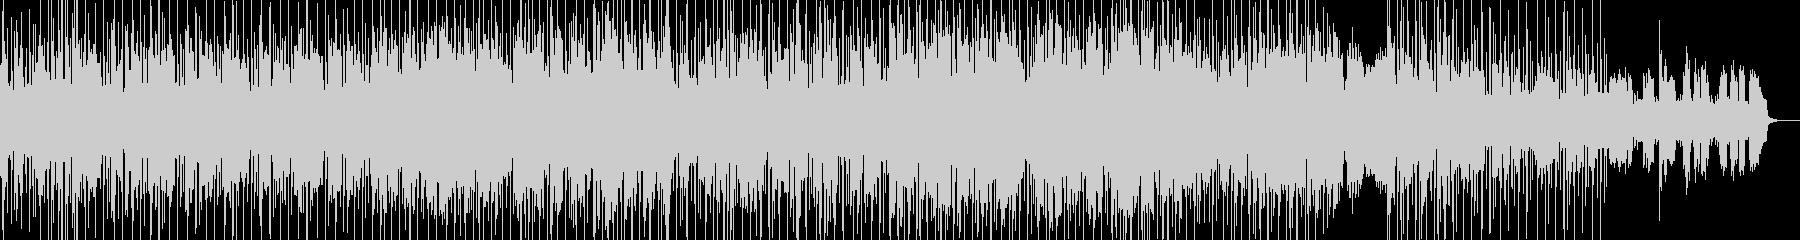 男性Vo ソフトロック・バラード曲の未再生の波形